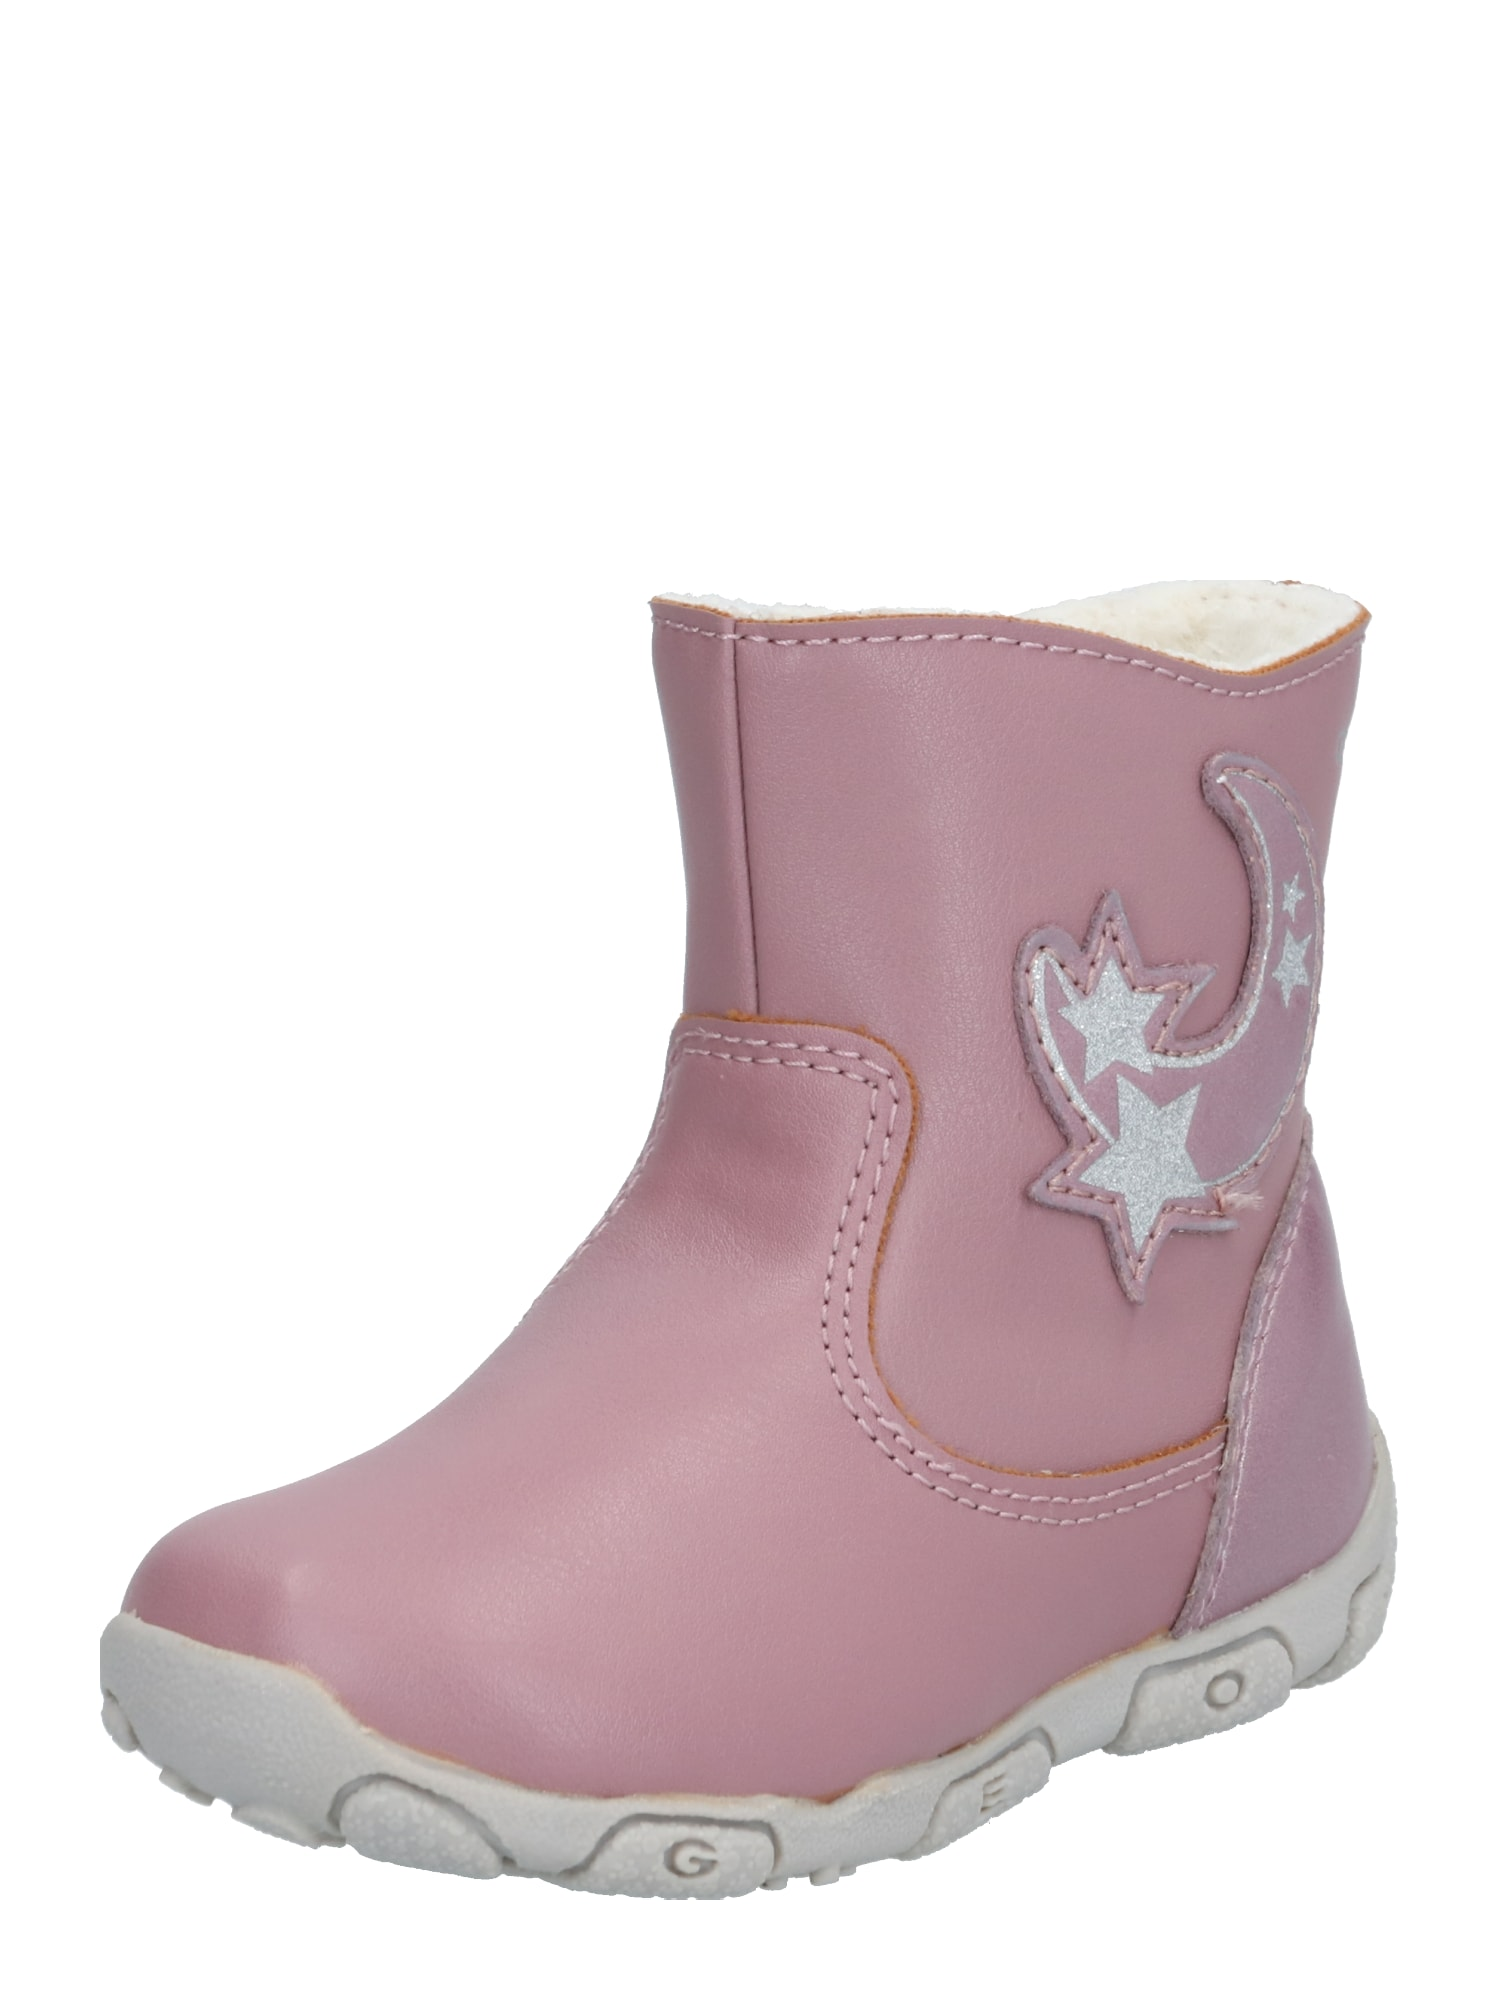 GEOX Kids Auliniai batai su kulniuku 'Antique' ryškiai rožinė spalva